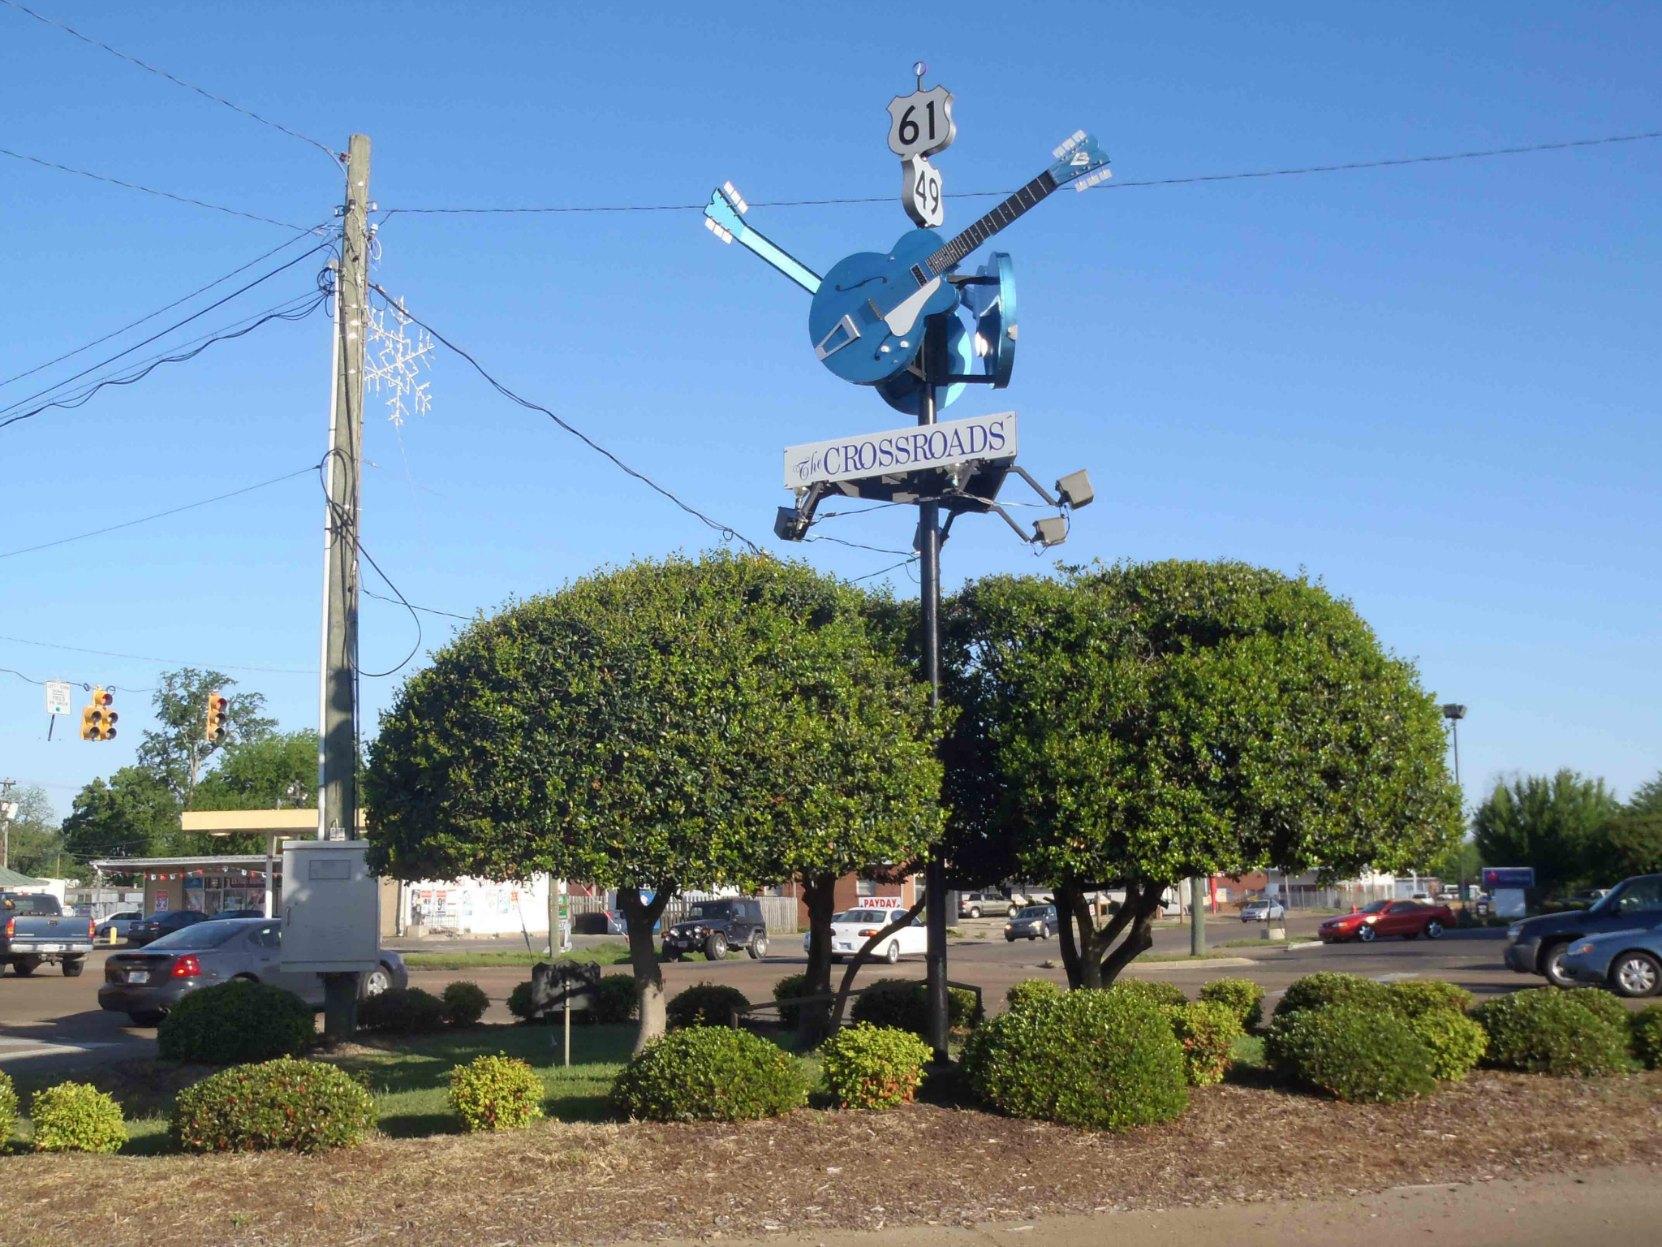 Crossroads Clarksdale Mississippi